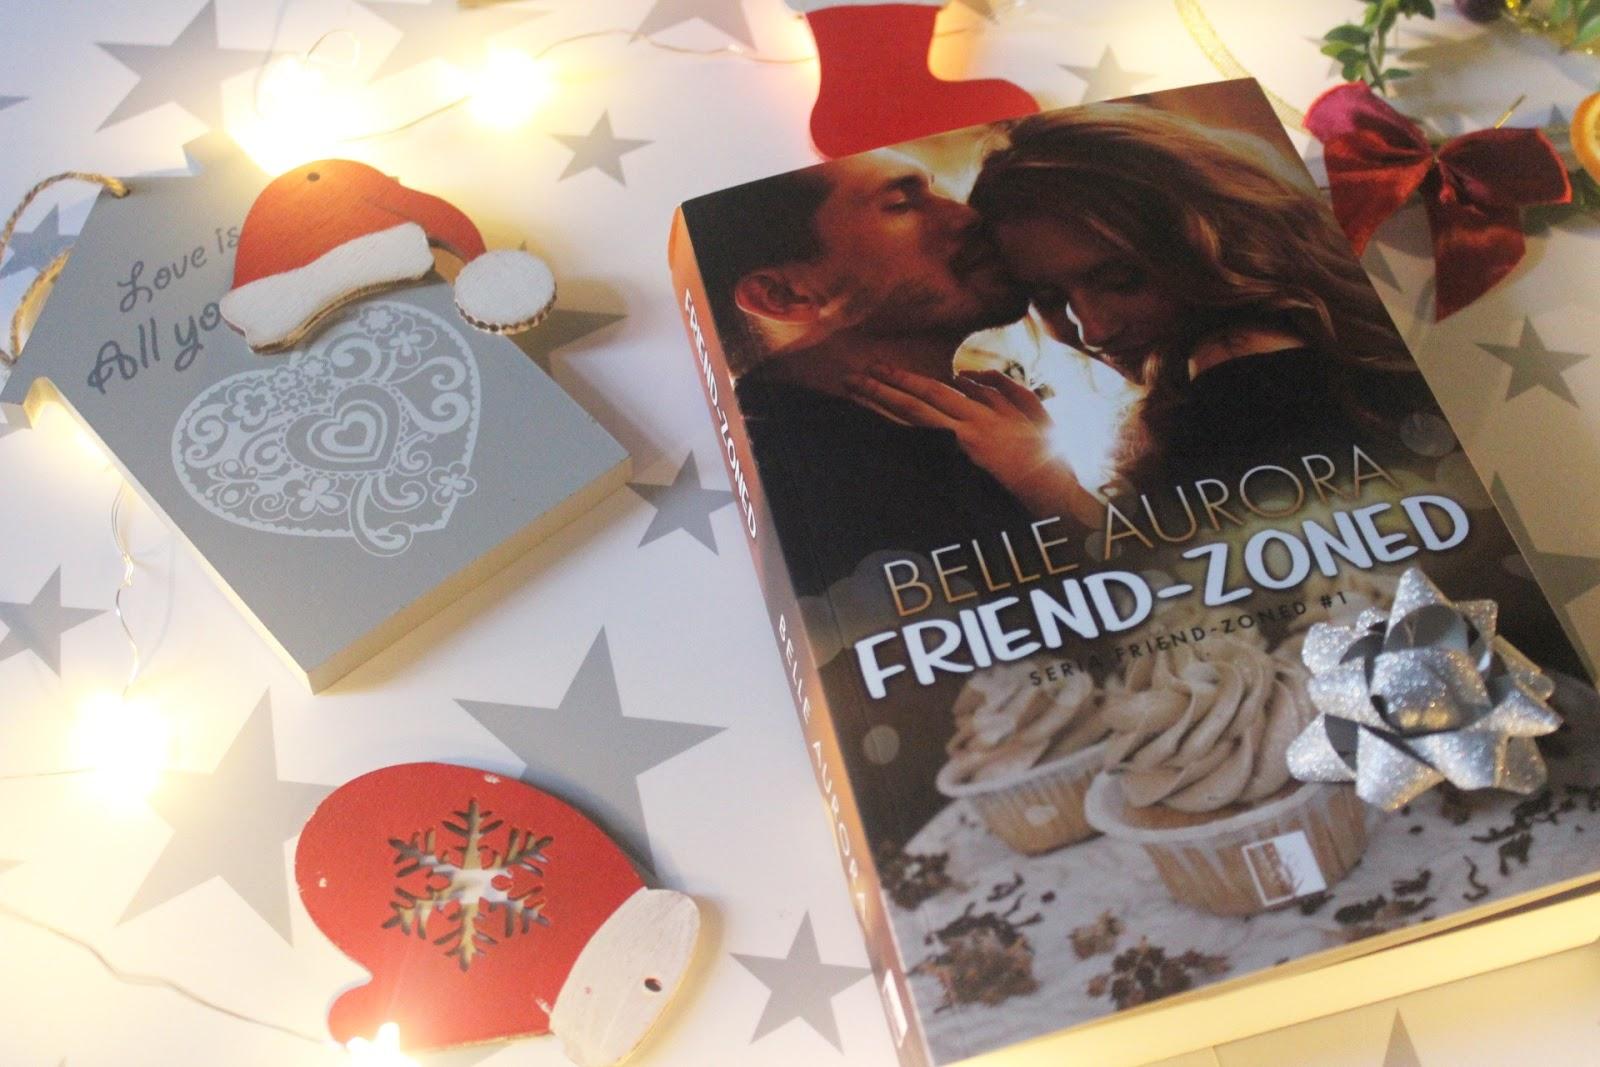 Friend-Zoned, Belle Aurora. Wzruszająca i zabawna powieść o przyjaźni oraz pięknej miłości.